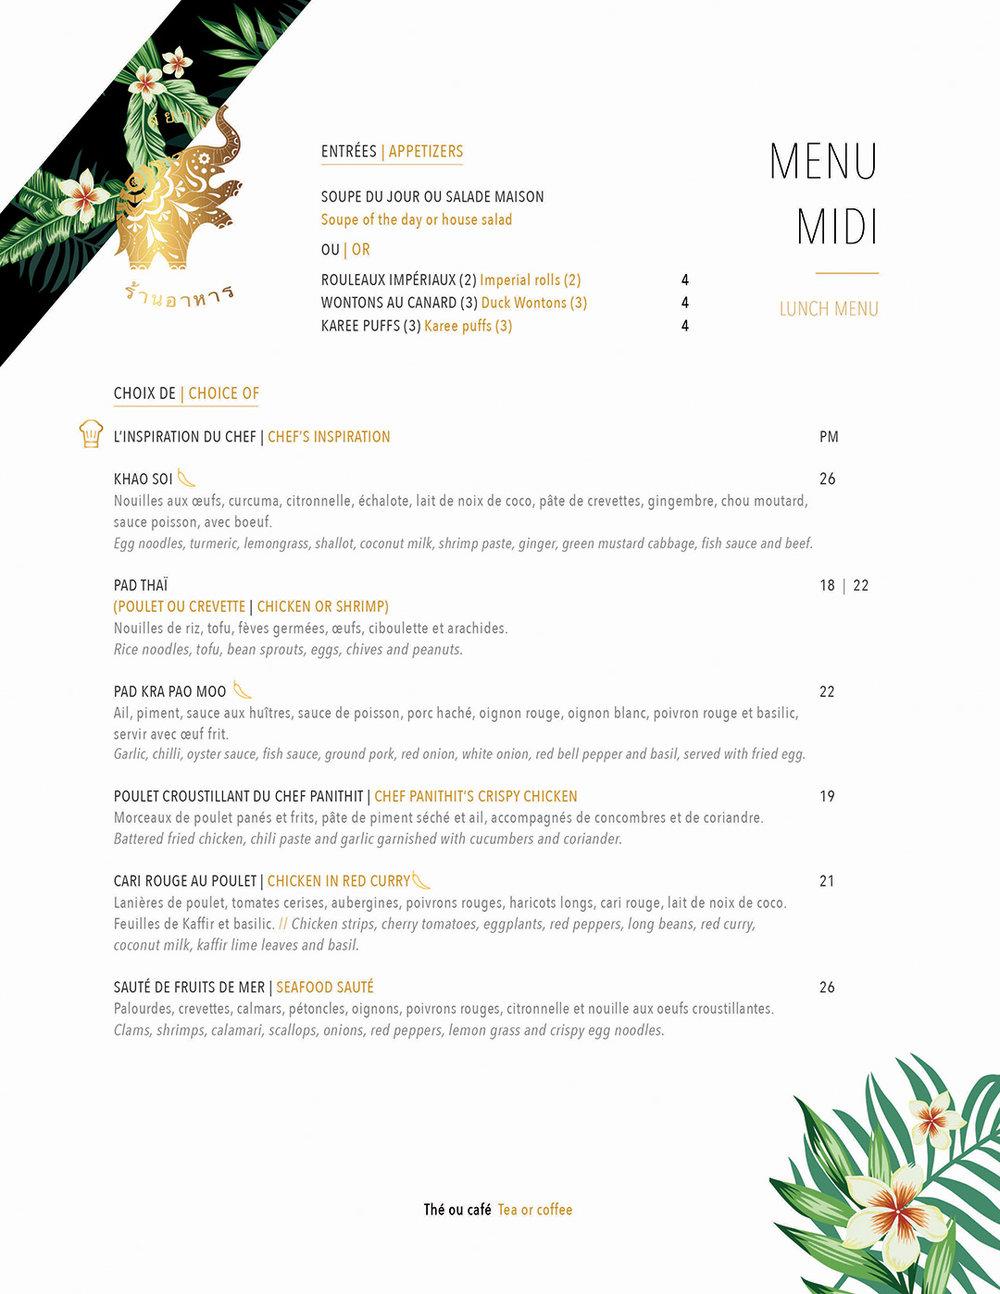 siam_menu_midi_WEB-2.jpg